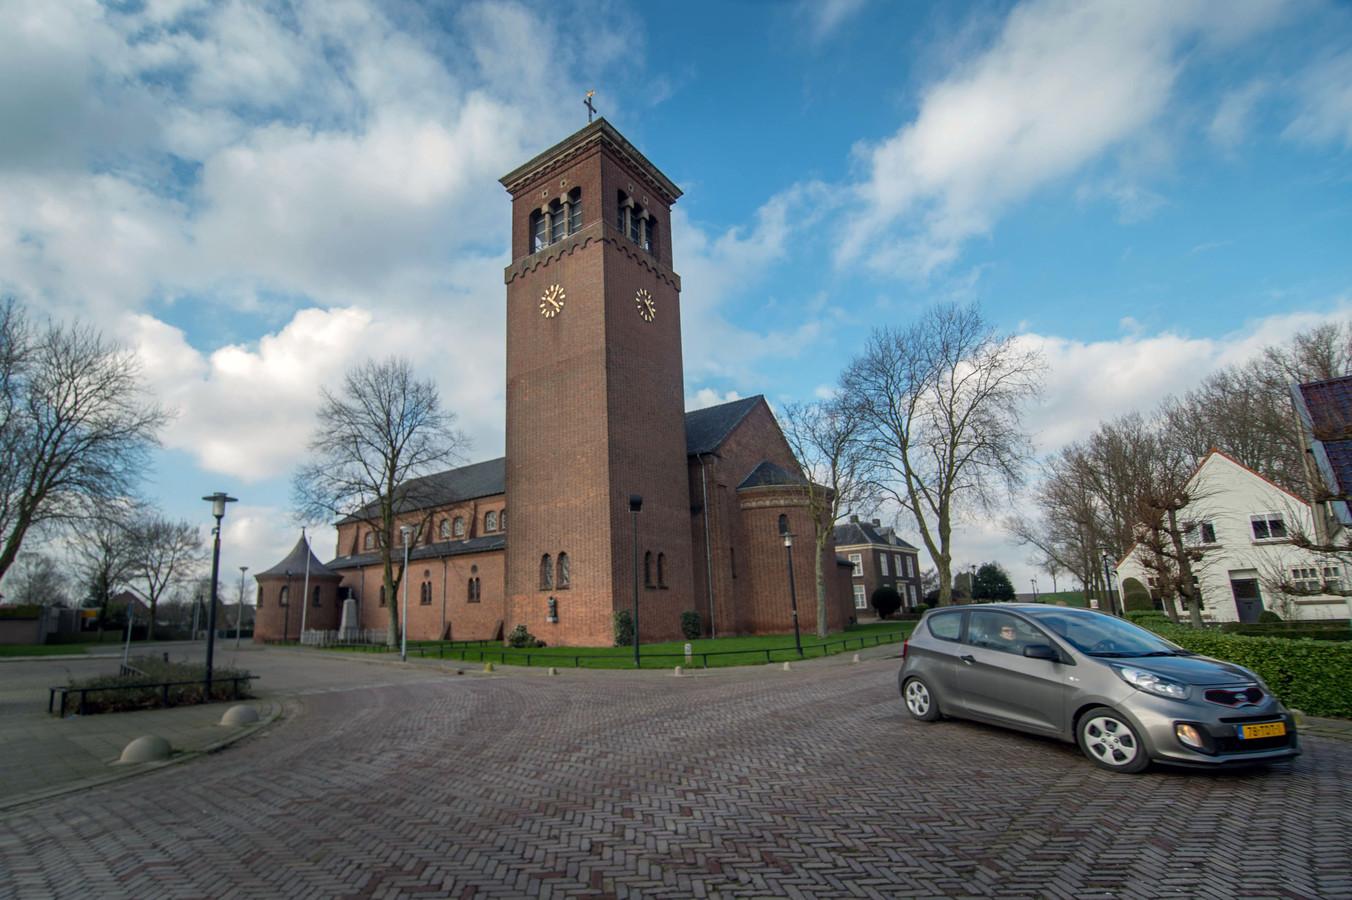 Kerk en pastorie in Deest.